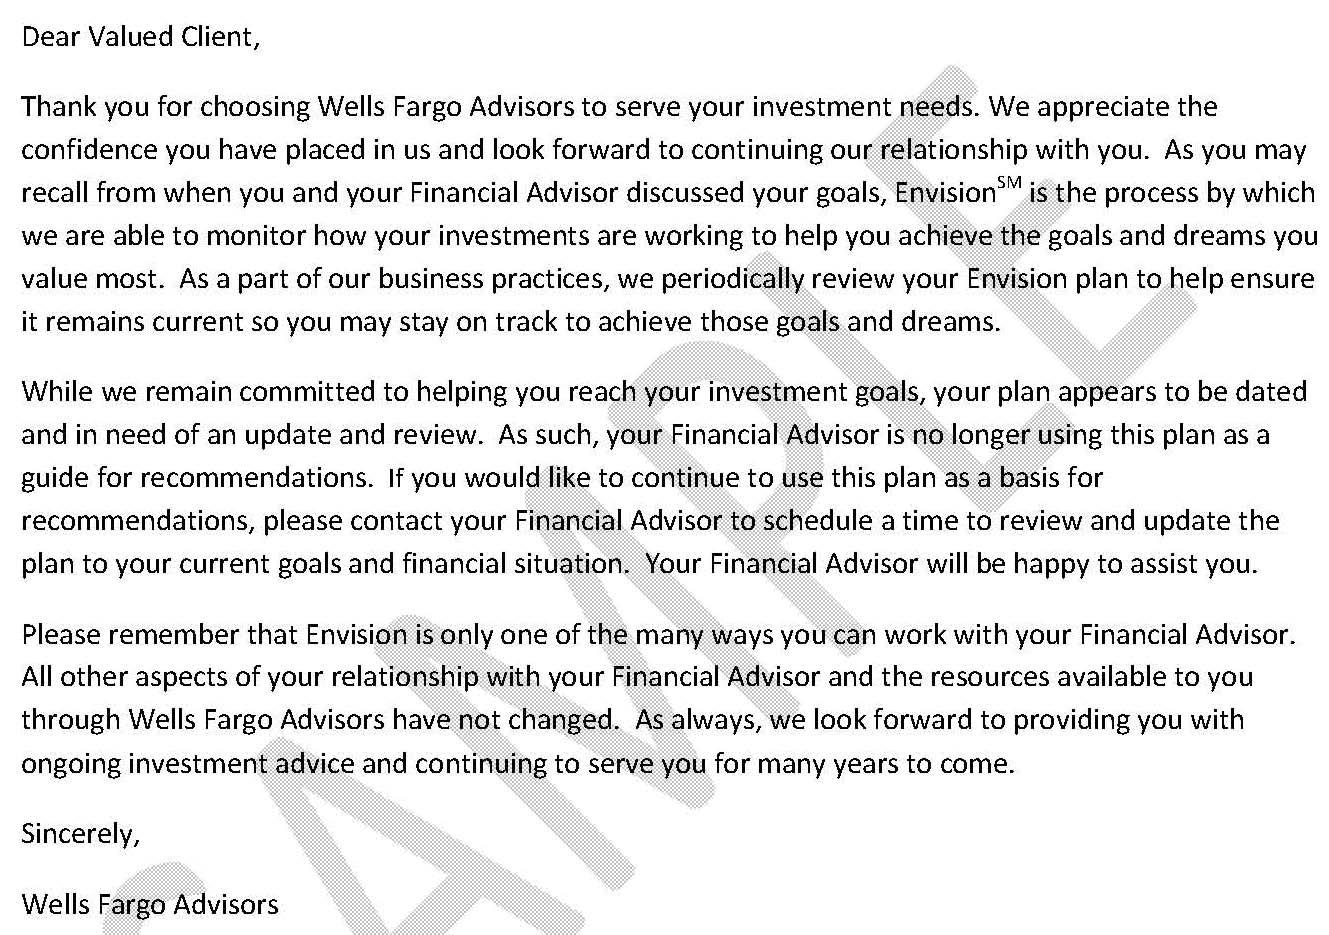 Hartzman's: Wells Fargo Envision Deselection Letter sent to clients